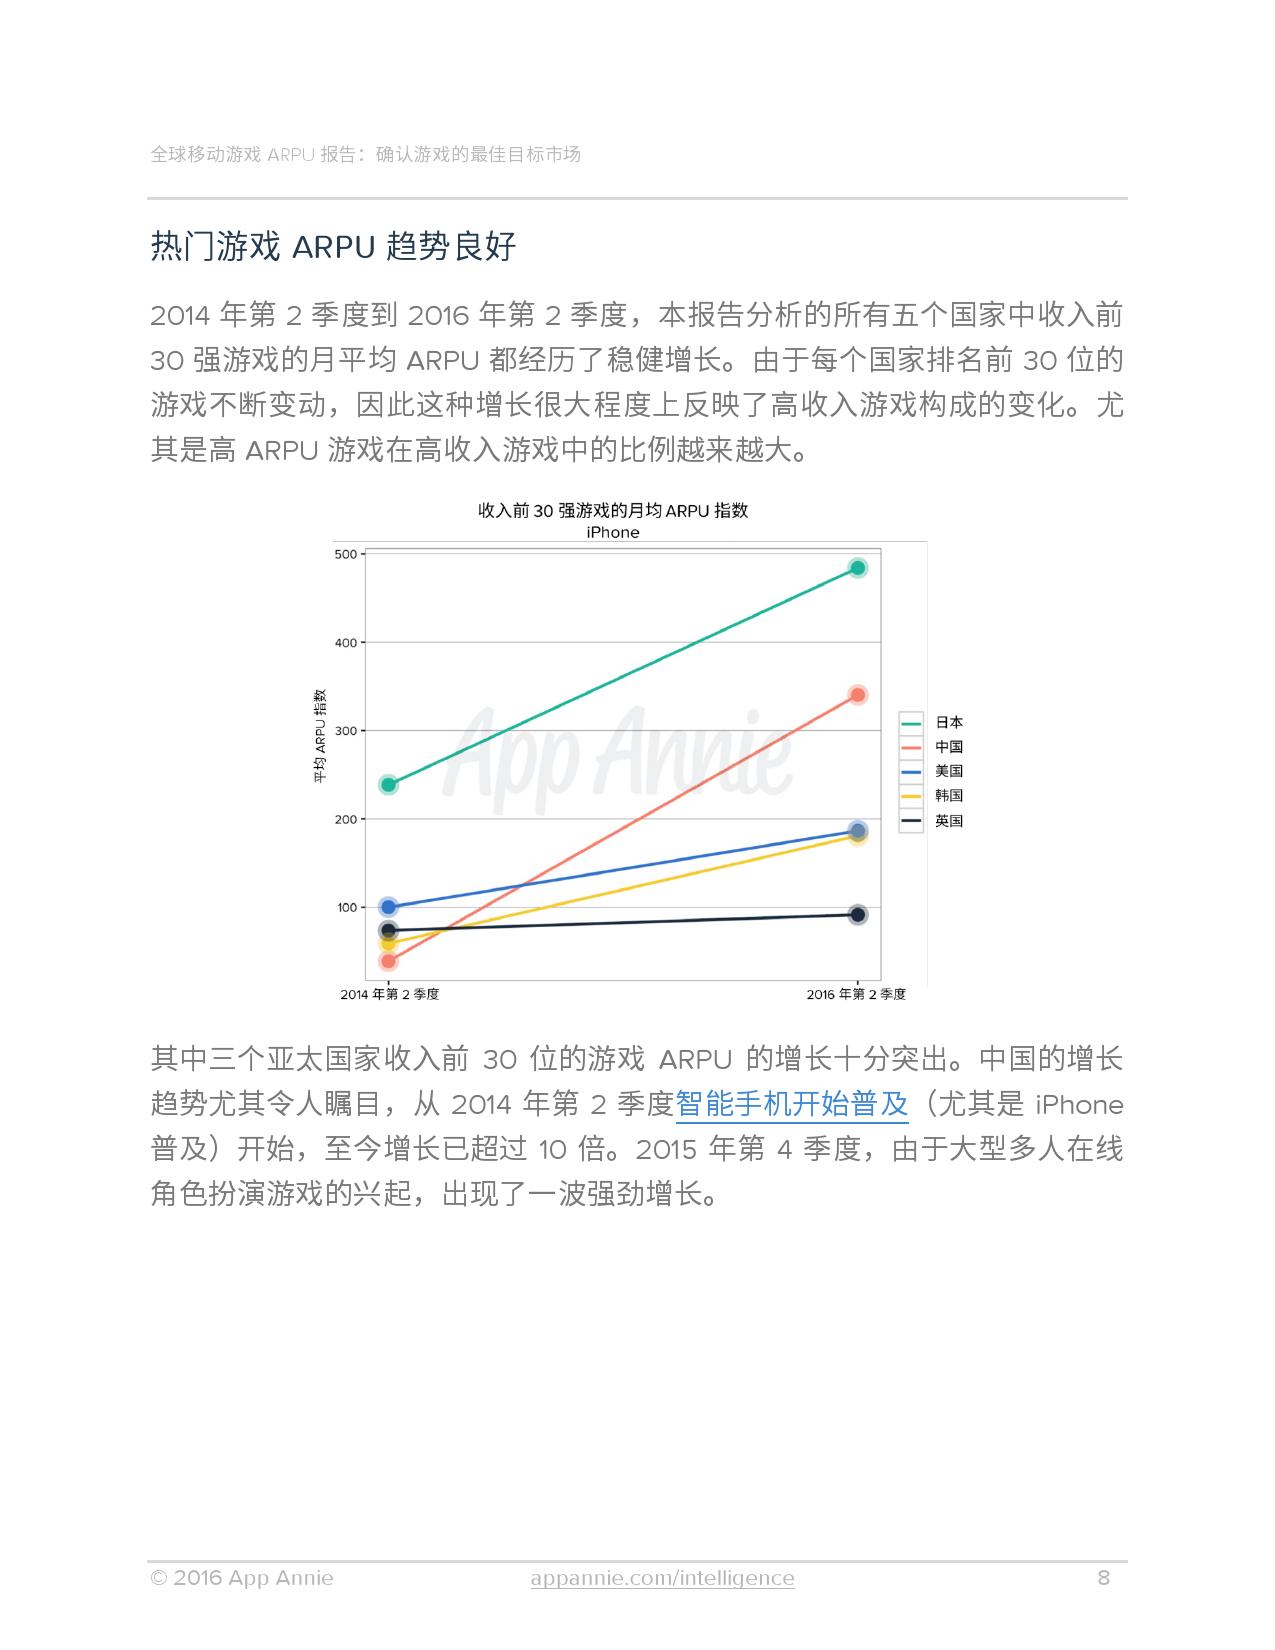 2016全球移动游戏 ARPU报告_000008